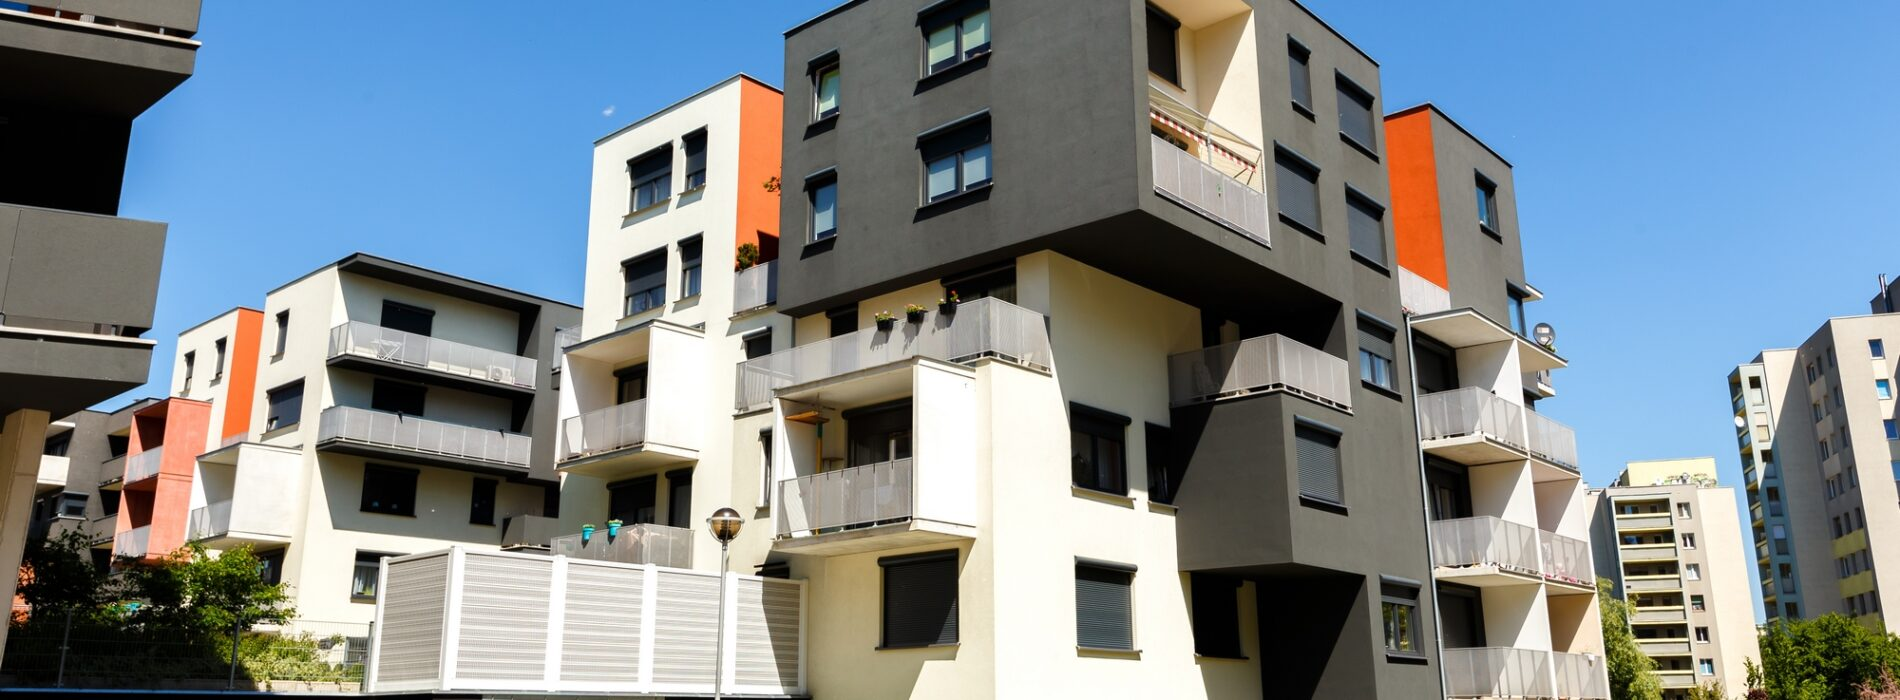 Dom, czy jednak mieszkanie – co opłaca się bardziej?